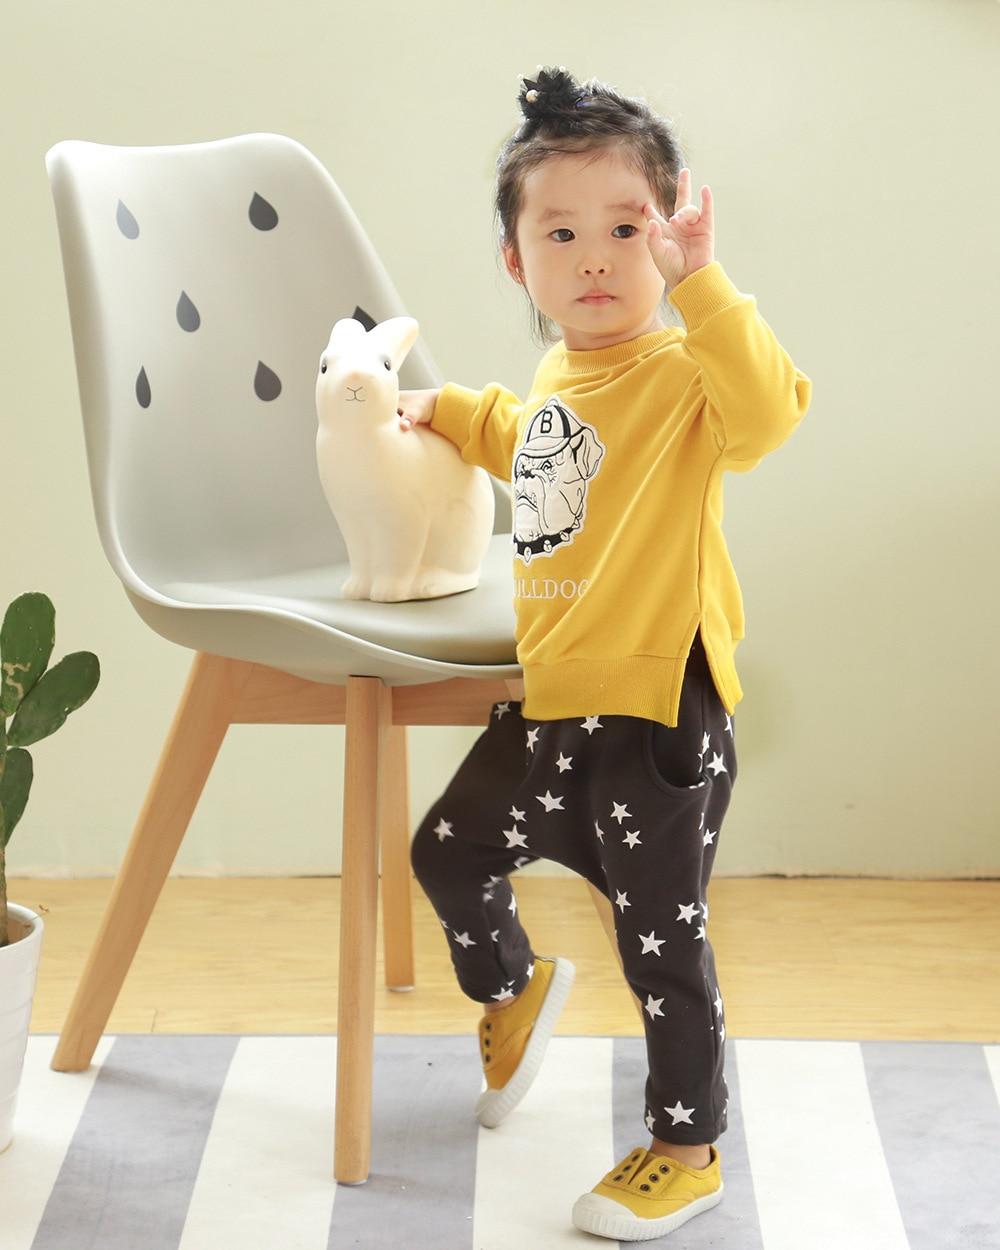 ילדי הרמון מכנסיים בנות בני כותנה כוכבים מודפסים חותלות בוטיק אופנה סתיו אביב מכנסיים קפלים ילדי בגדים 2-6 T